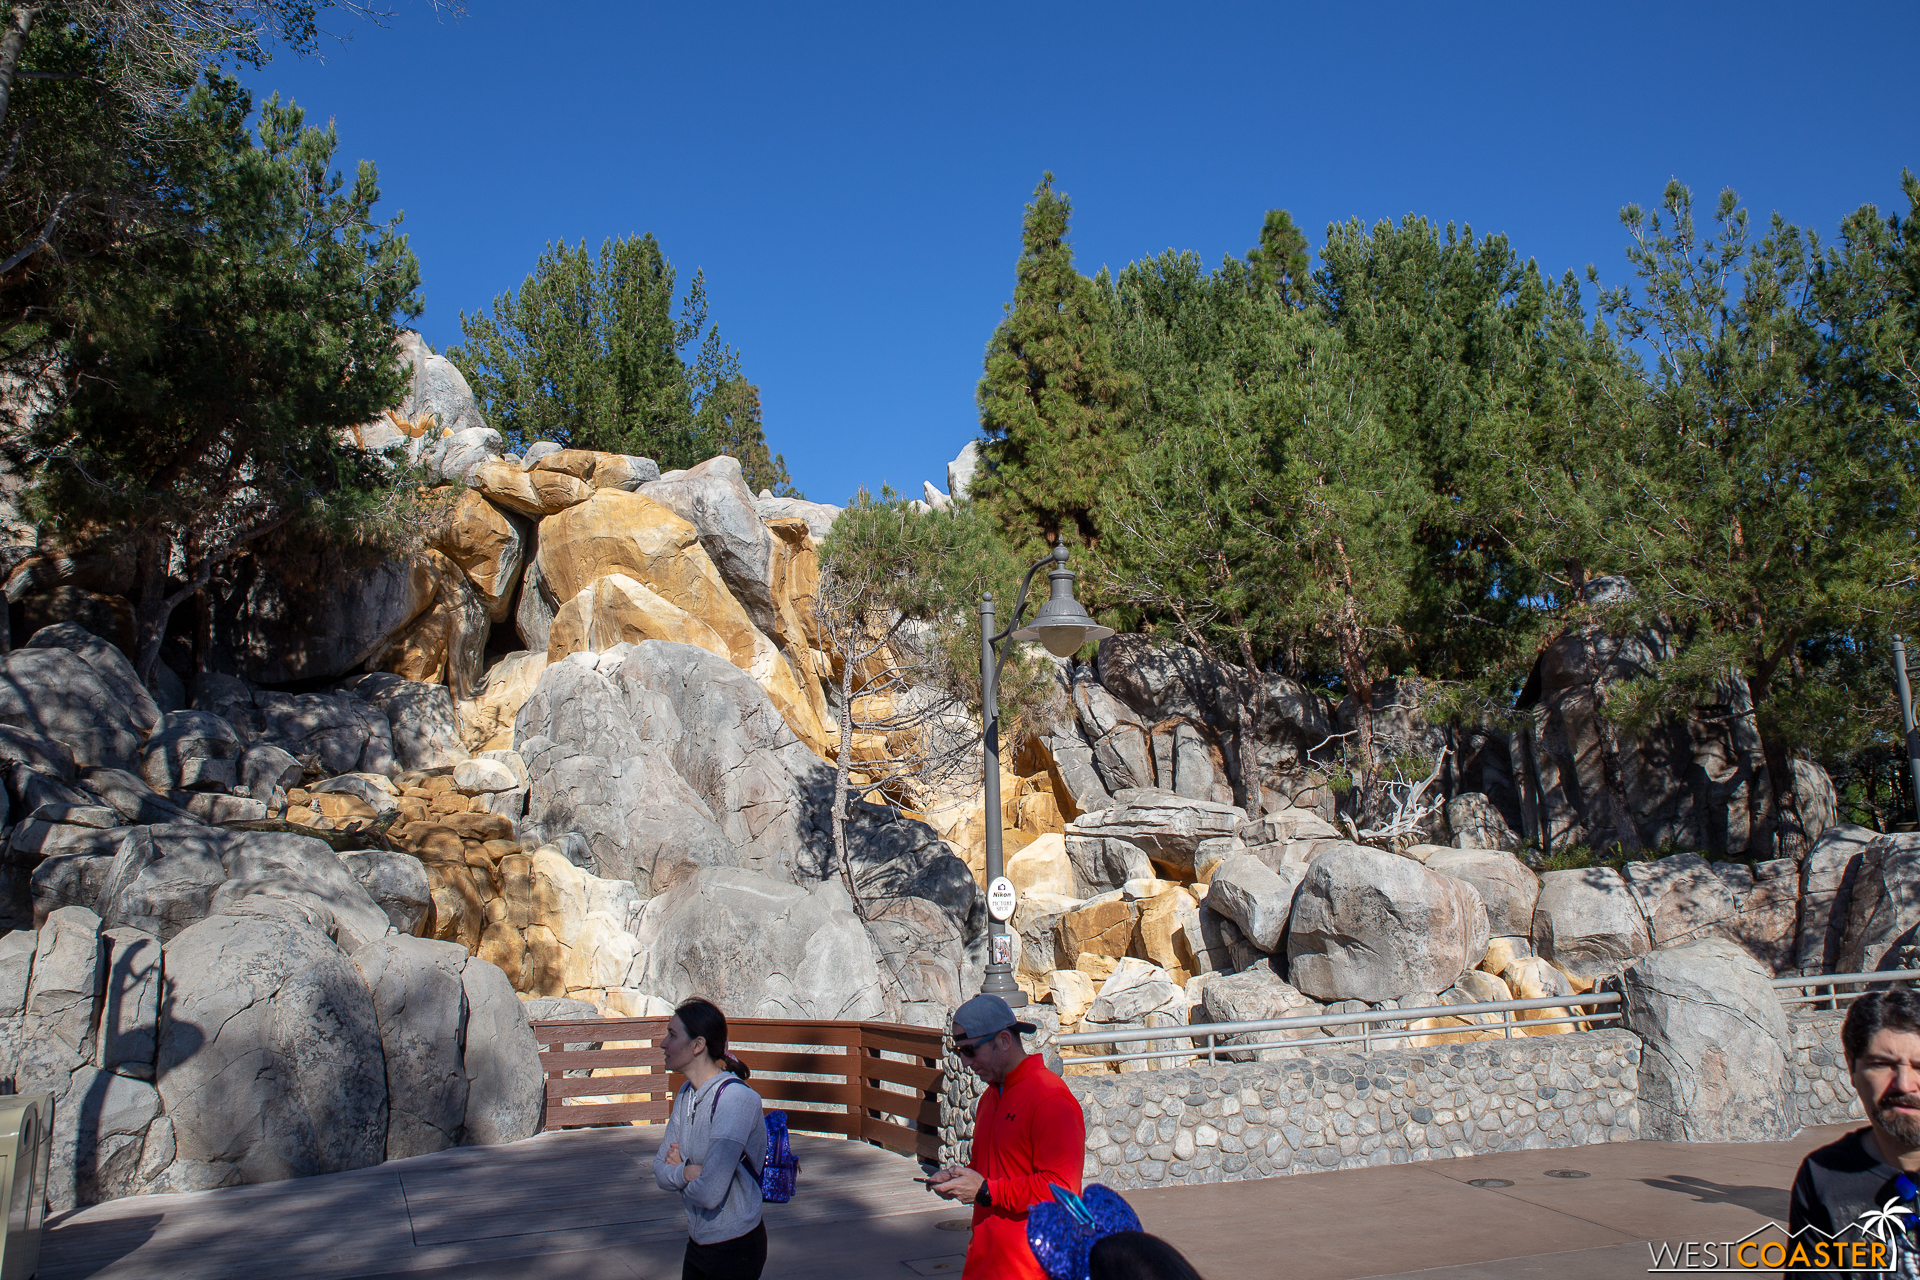 Westcoaster Disneyland Update 2-19-68.jpg